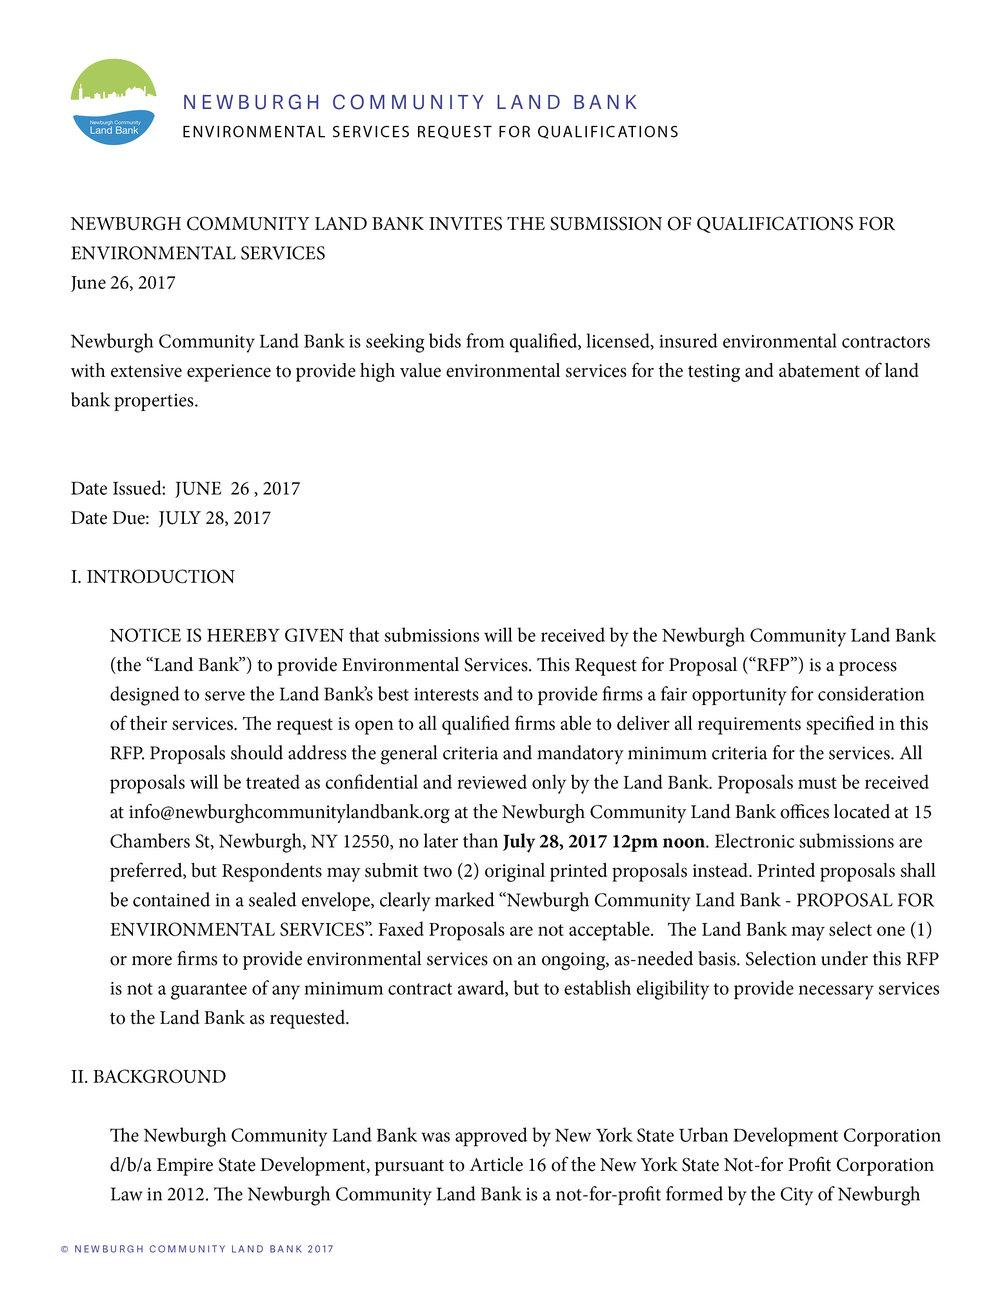 NCLB Enivronmental RFP 2017.jpg